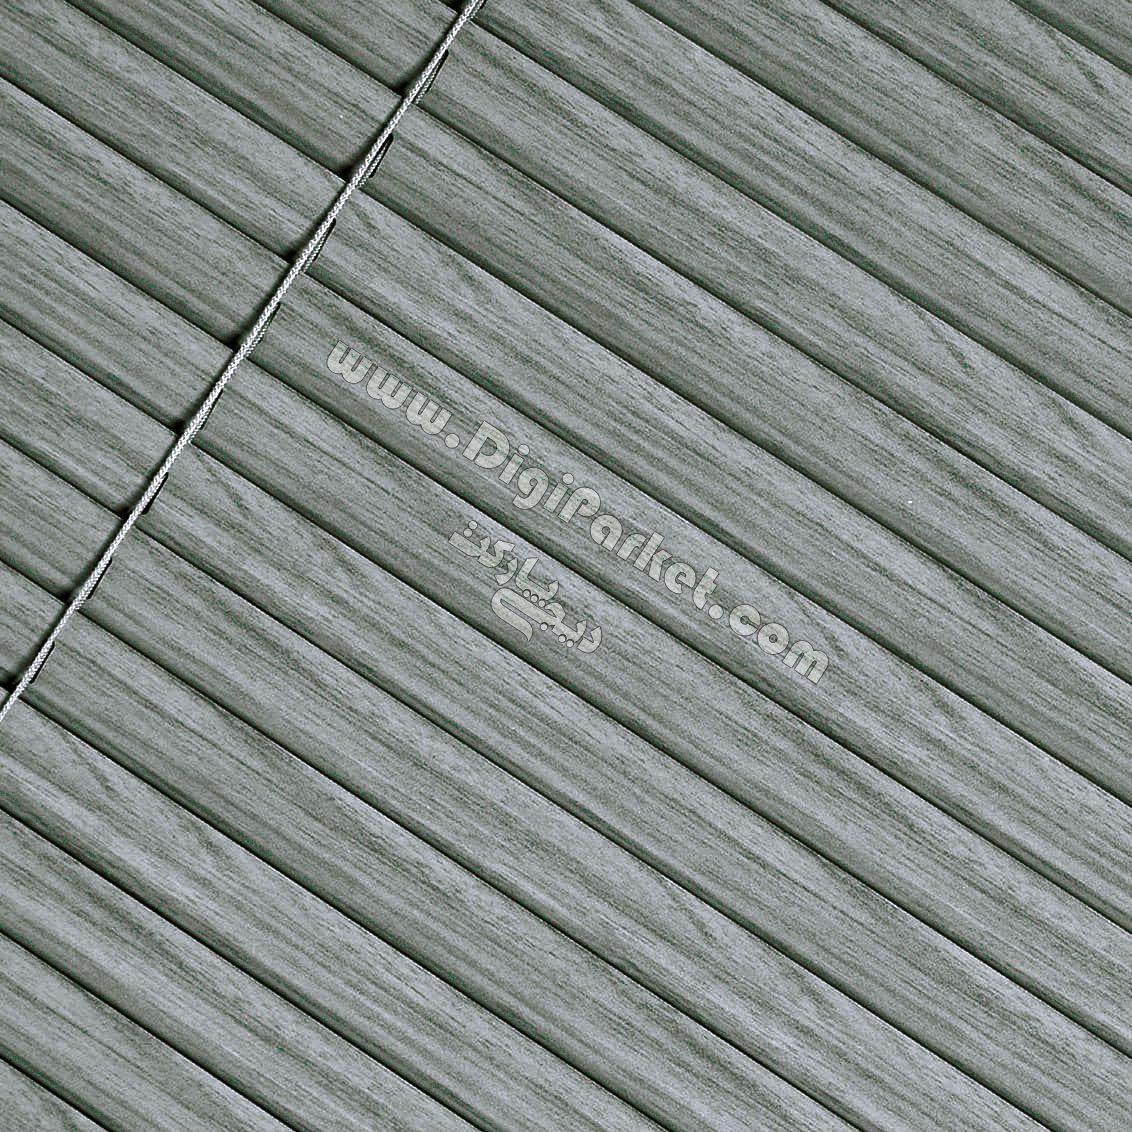 پرده کرکره فلزی طرح چوب سیاه سفید  خوش سایه